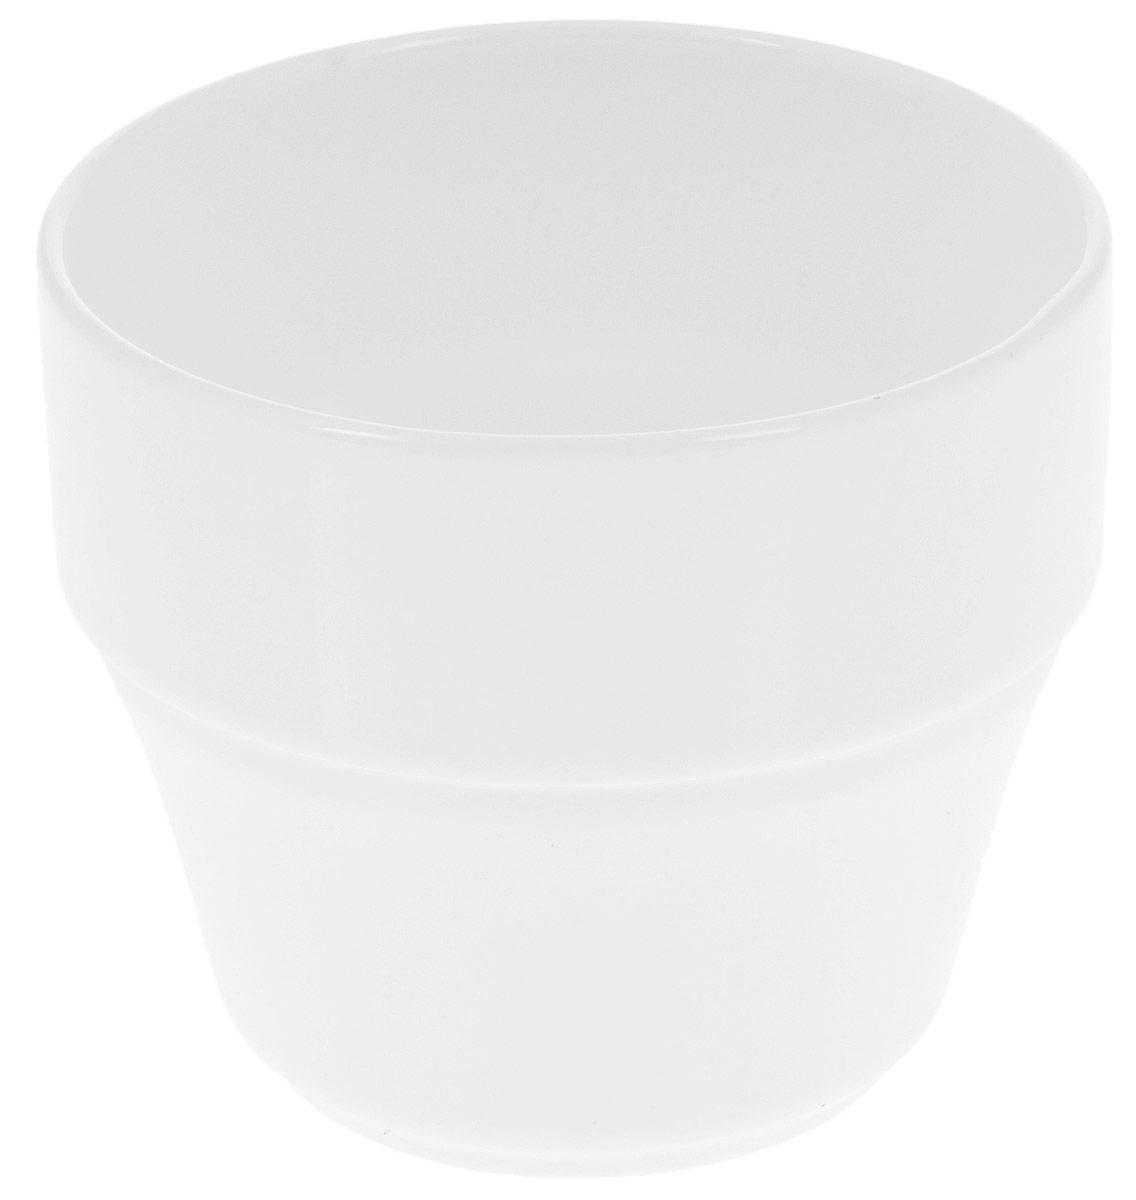 Кружка Wilmax, штабелируемая, 220 мл. WL-993043 / A54 009312Кружка Wilmax изготовлена из высококачественного фарфора, покрытого глазурью. Материал легкий, тонкий, свет без труда проникает сквозь изделие. Посуда имеет роскошную белизну, гладкость и блеск достигаются за счет особой рецептуры глазури. Изделие обладает низкой водопоглощаемостью, высокой термостойкостью и ударопрочностью, а также экологичностью. Посуда долговечна и рассчитана на постоянное интенсивное использование. Гладкая непористая поверхность исключает проникновение бактерий, изделие не будет впитывать посторонние запахи и сохранит первоначальный цвет. Кружка штабелируемая, то есть несколько кружек легко вставляются друг в друга, что экономит место при хранении. Такая кружка пригодится в любом хозяйстве, она функциональная, практичная и легкая в уходе. Можно мыть в посудомоечной машине и использовать в микроволновой печи. Диаметр (по верхнему краю): 7,5 см. Высота стенки: 7 см.